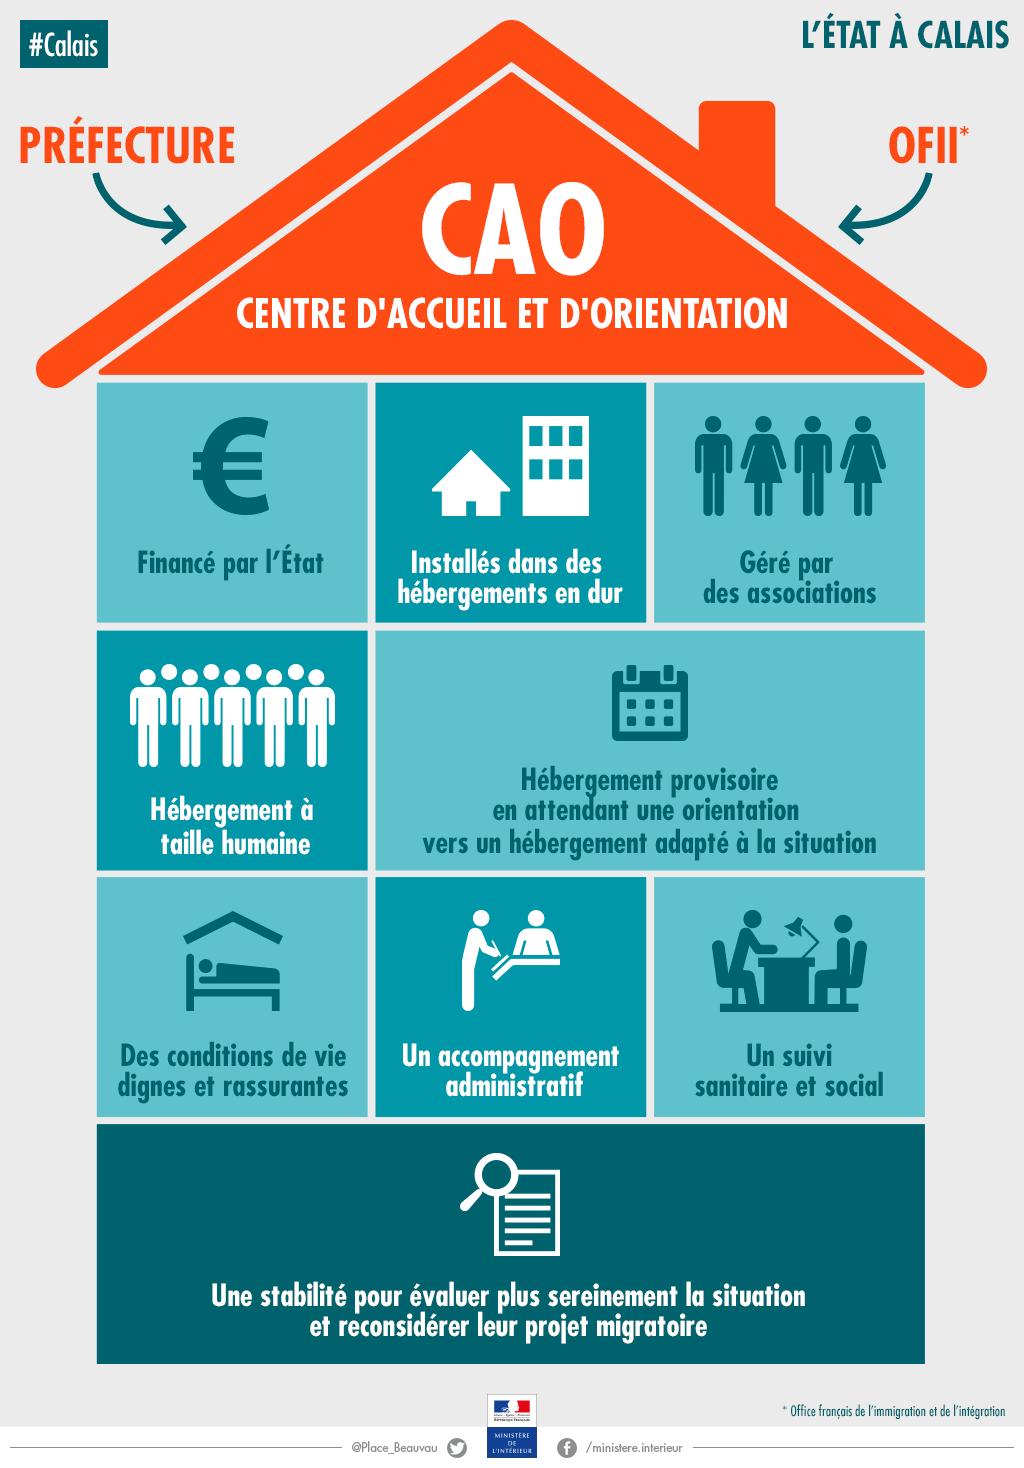 CAO, Centre d'accueil et d'orientation / © Ministère de l'Intérieur